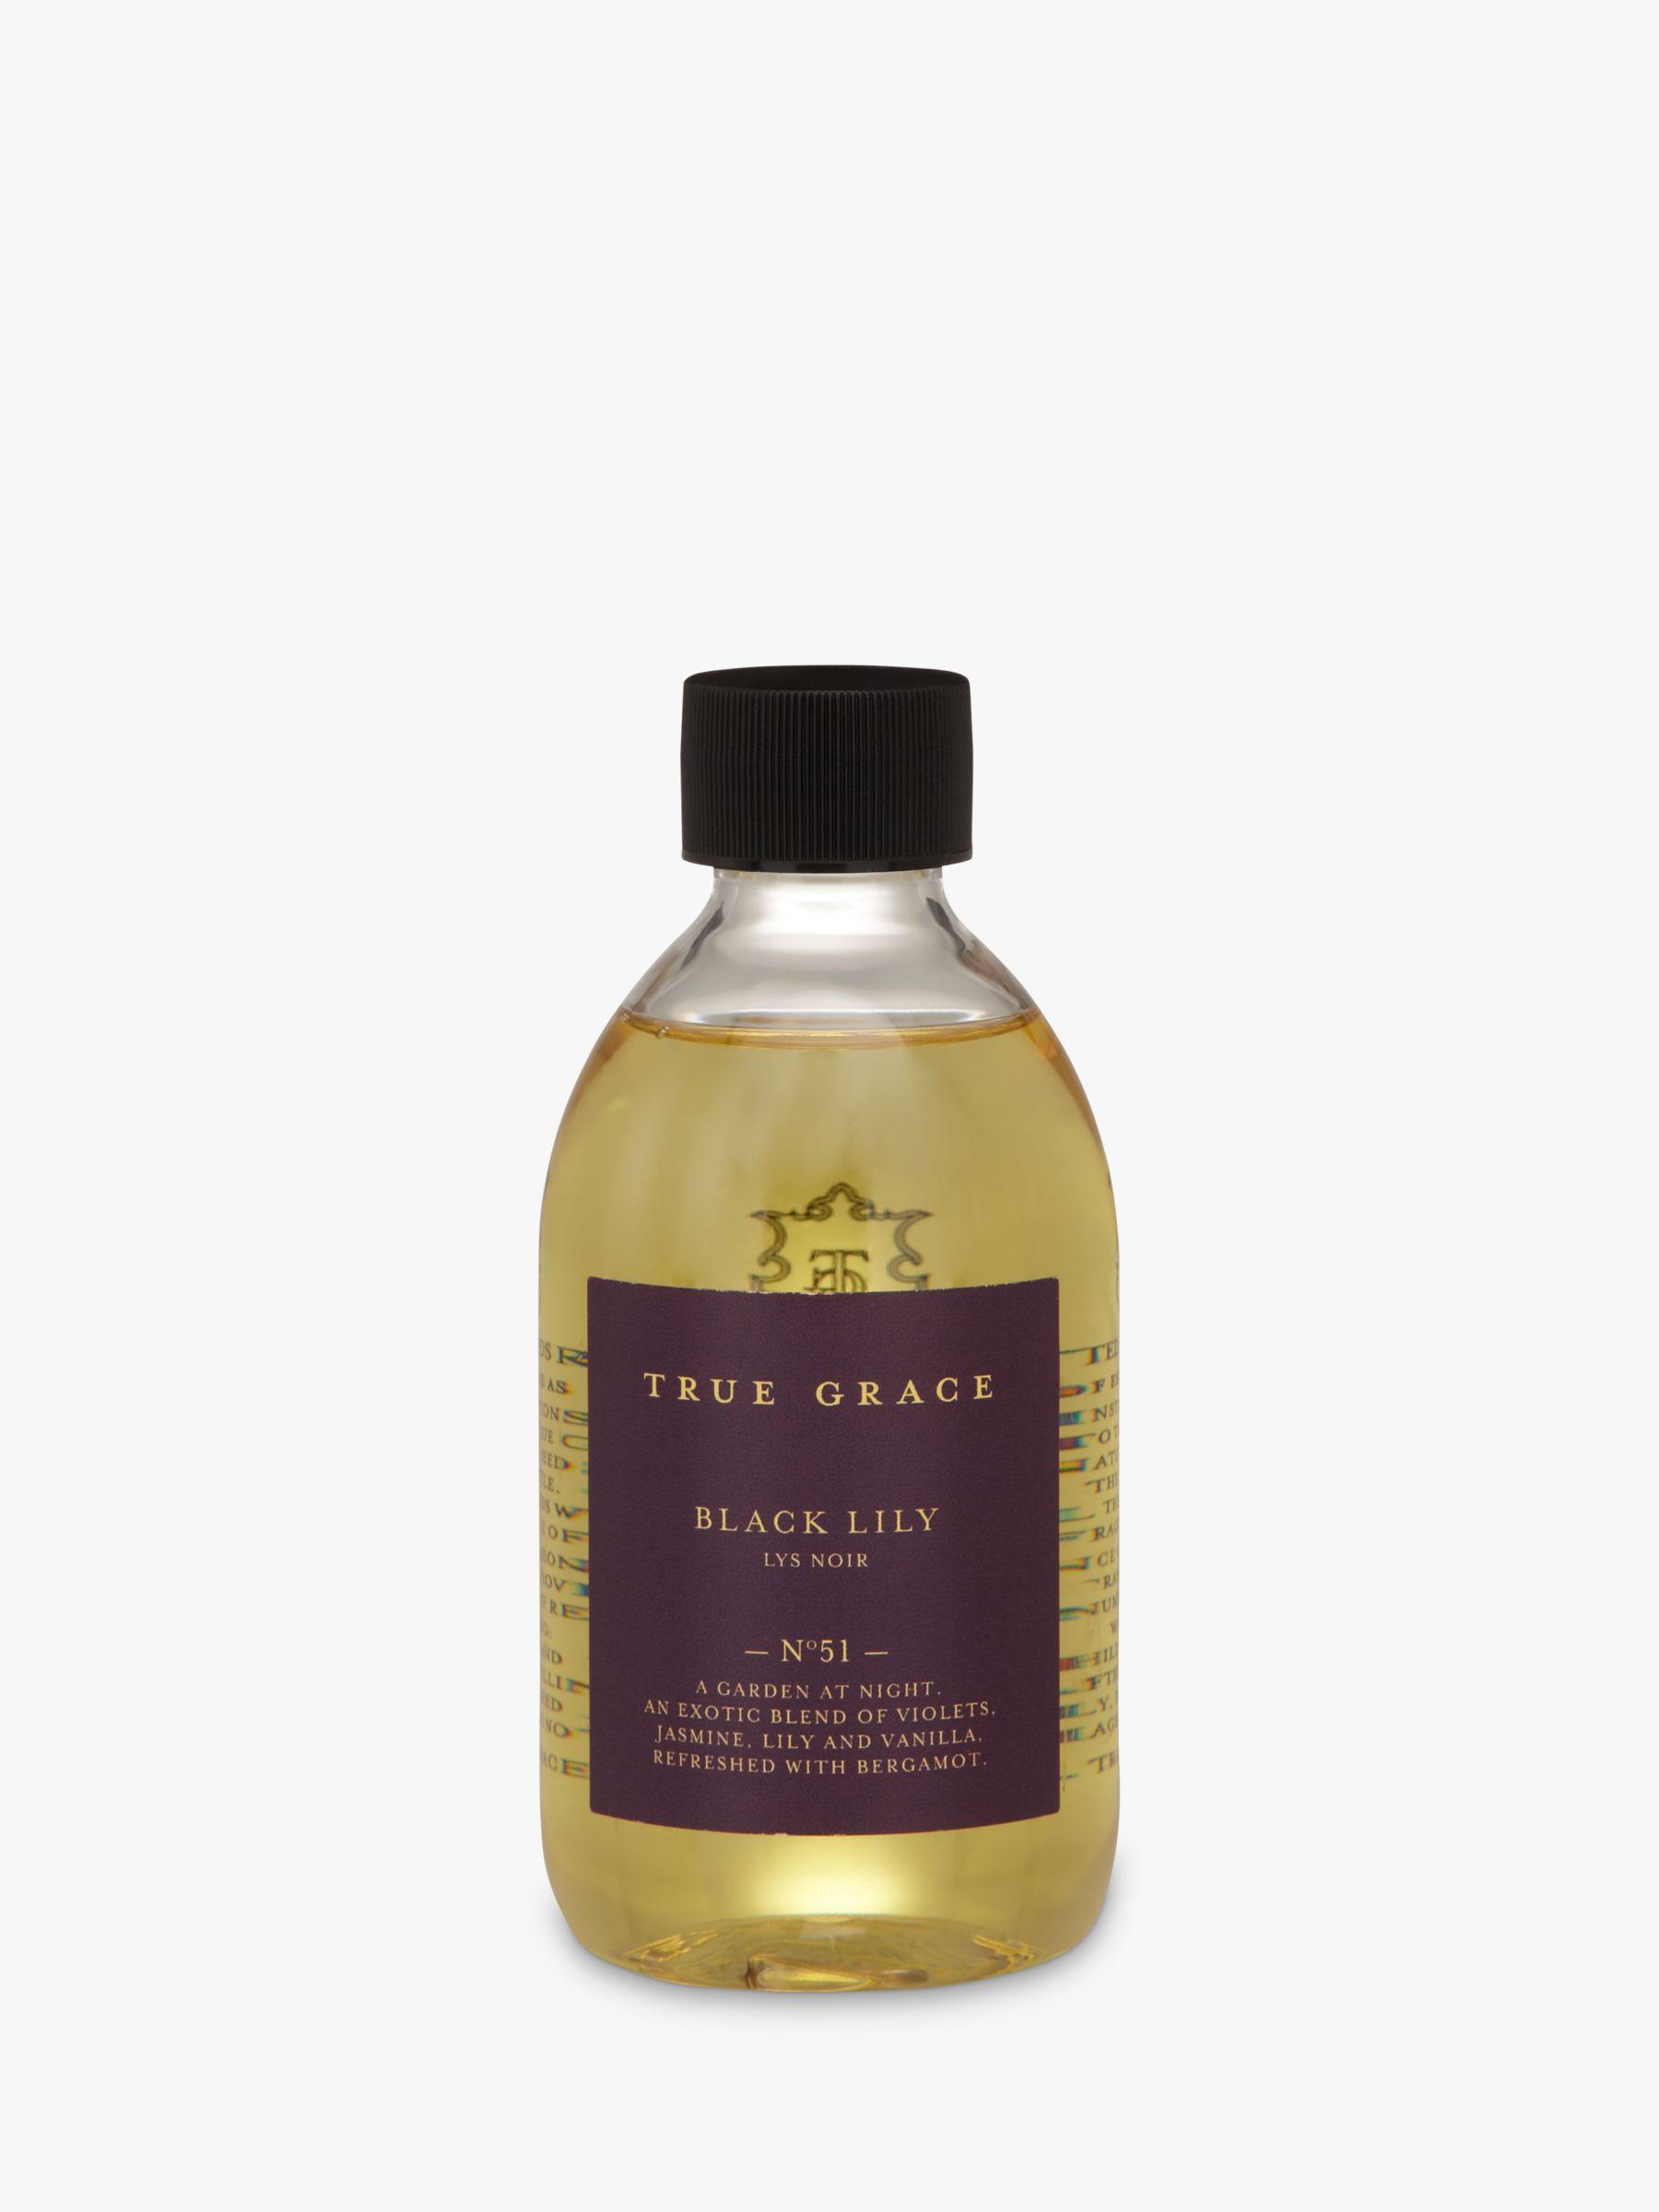 True Grace True Grace Manor Black Lily Refill, 250ml